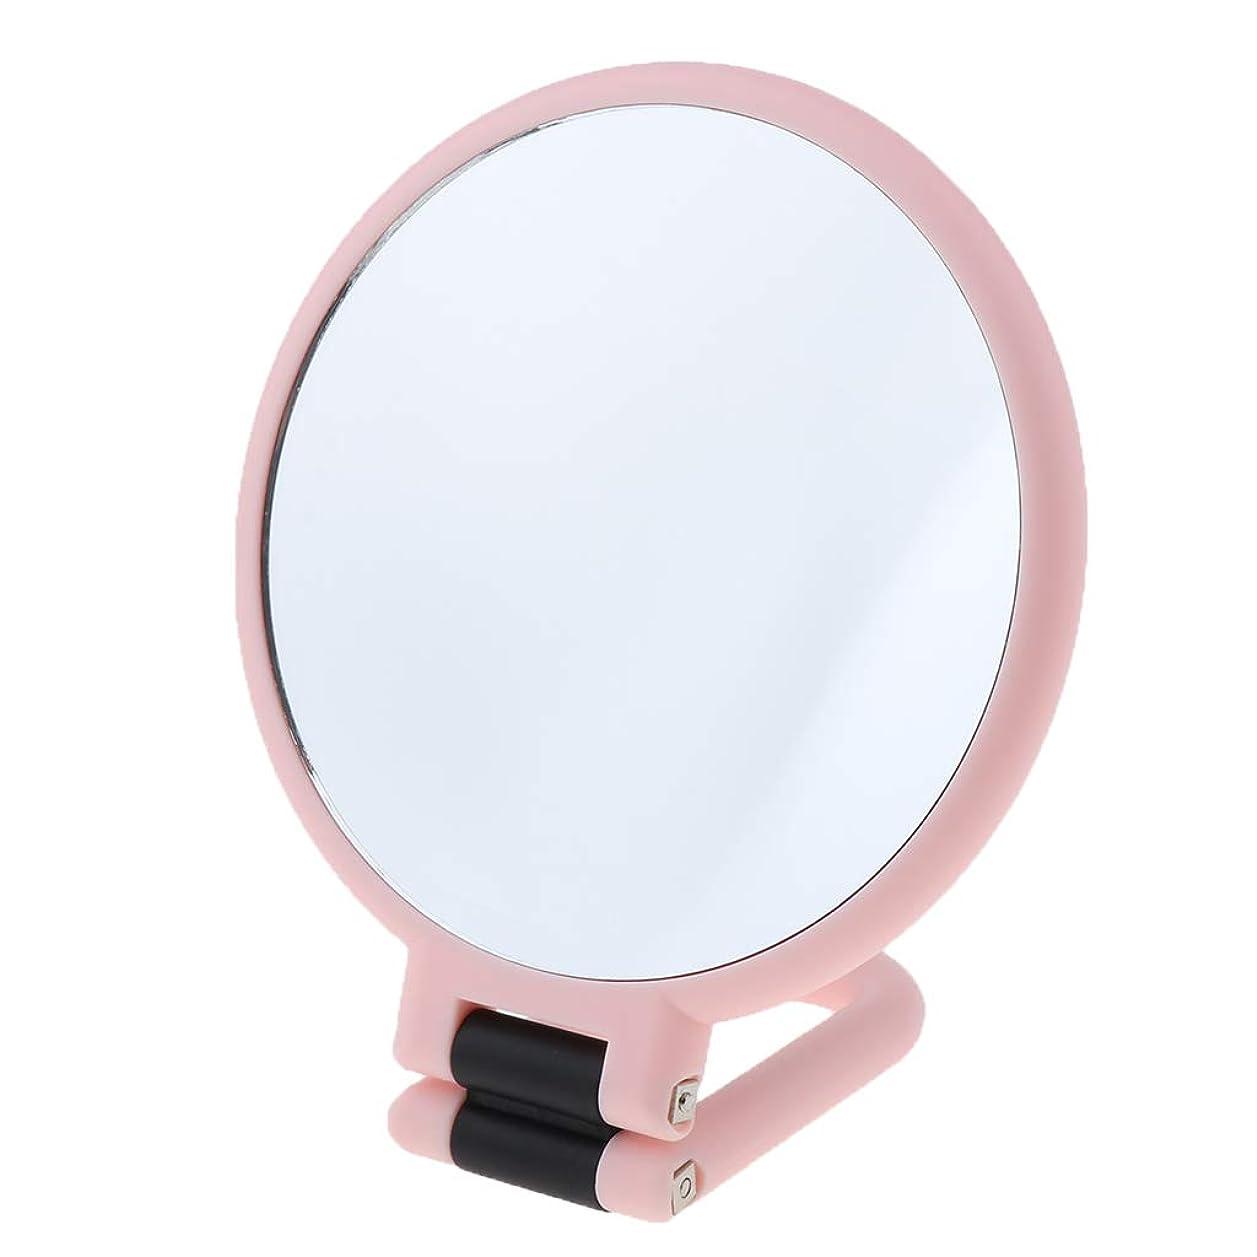 滅多黙認する肺炎P Prettyia ポータブル 化粧鏡 両面 ハンドヘルド 拡大鏡 全3選択 - 3倍拡大